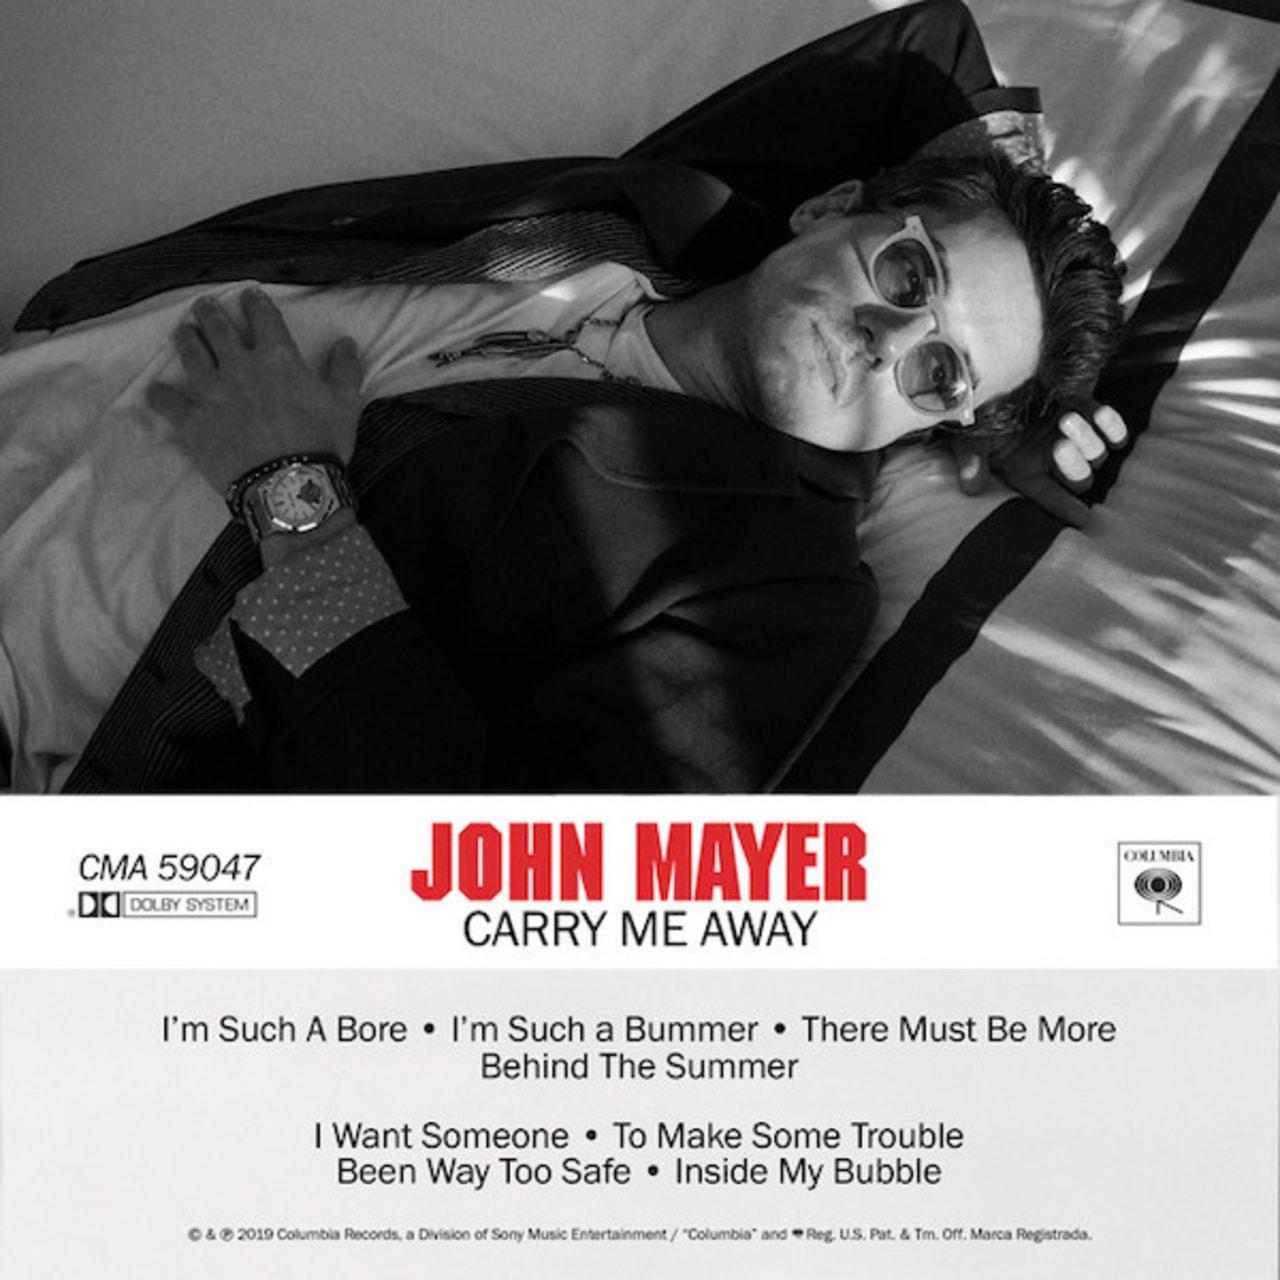 John Mayer Shares New Single